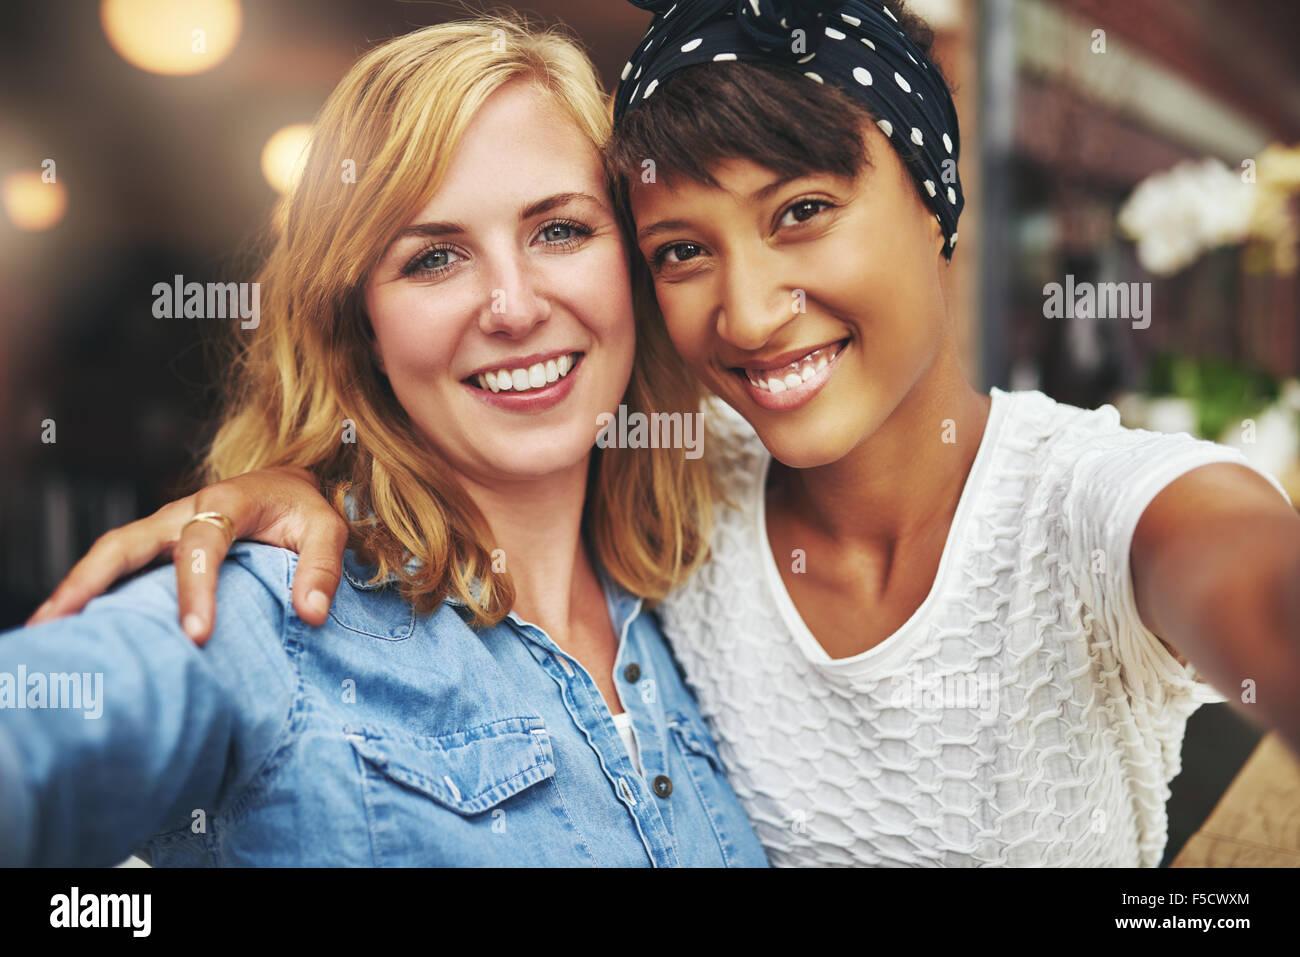 Dos mujeres jóvenes mejores amigos sentado del brazo con sus rostros juntos sonriendo ante la cámara, Imagen De Stock